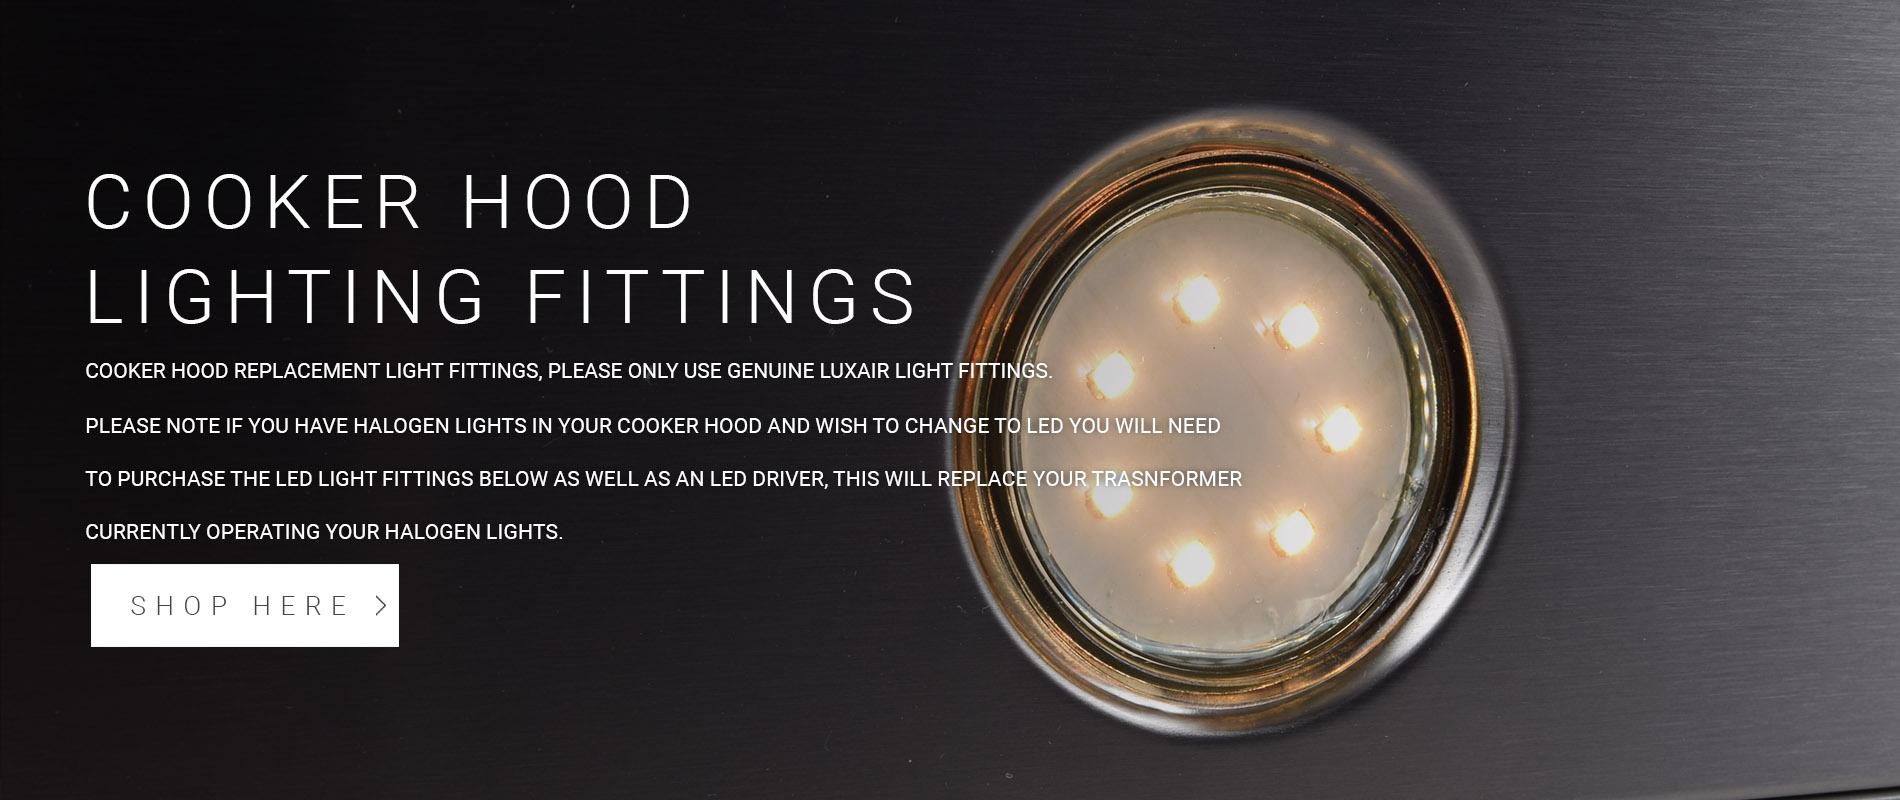 Cooker Hood Light Fittings